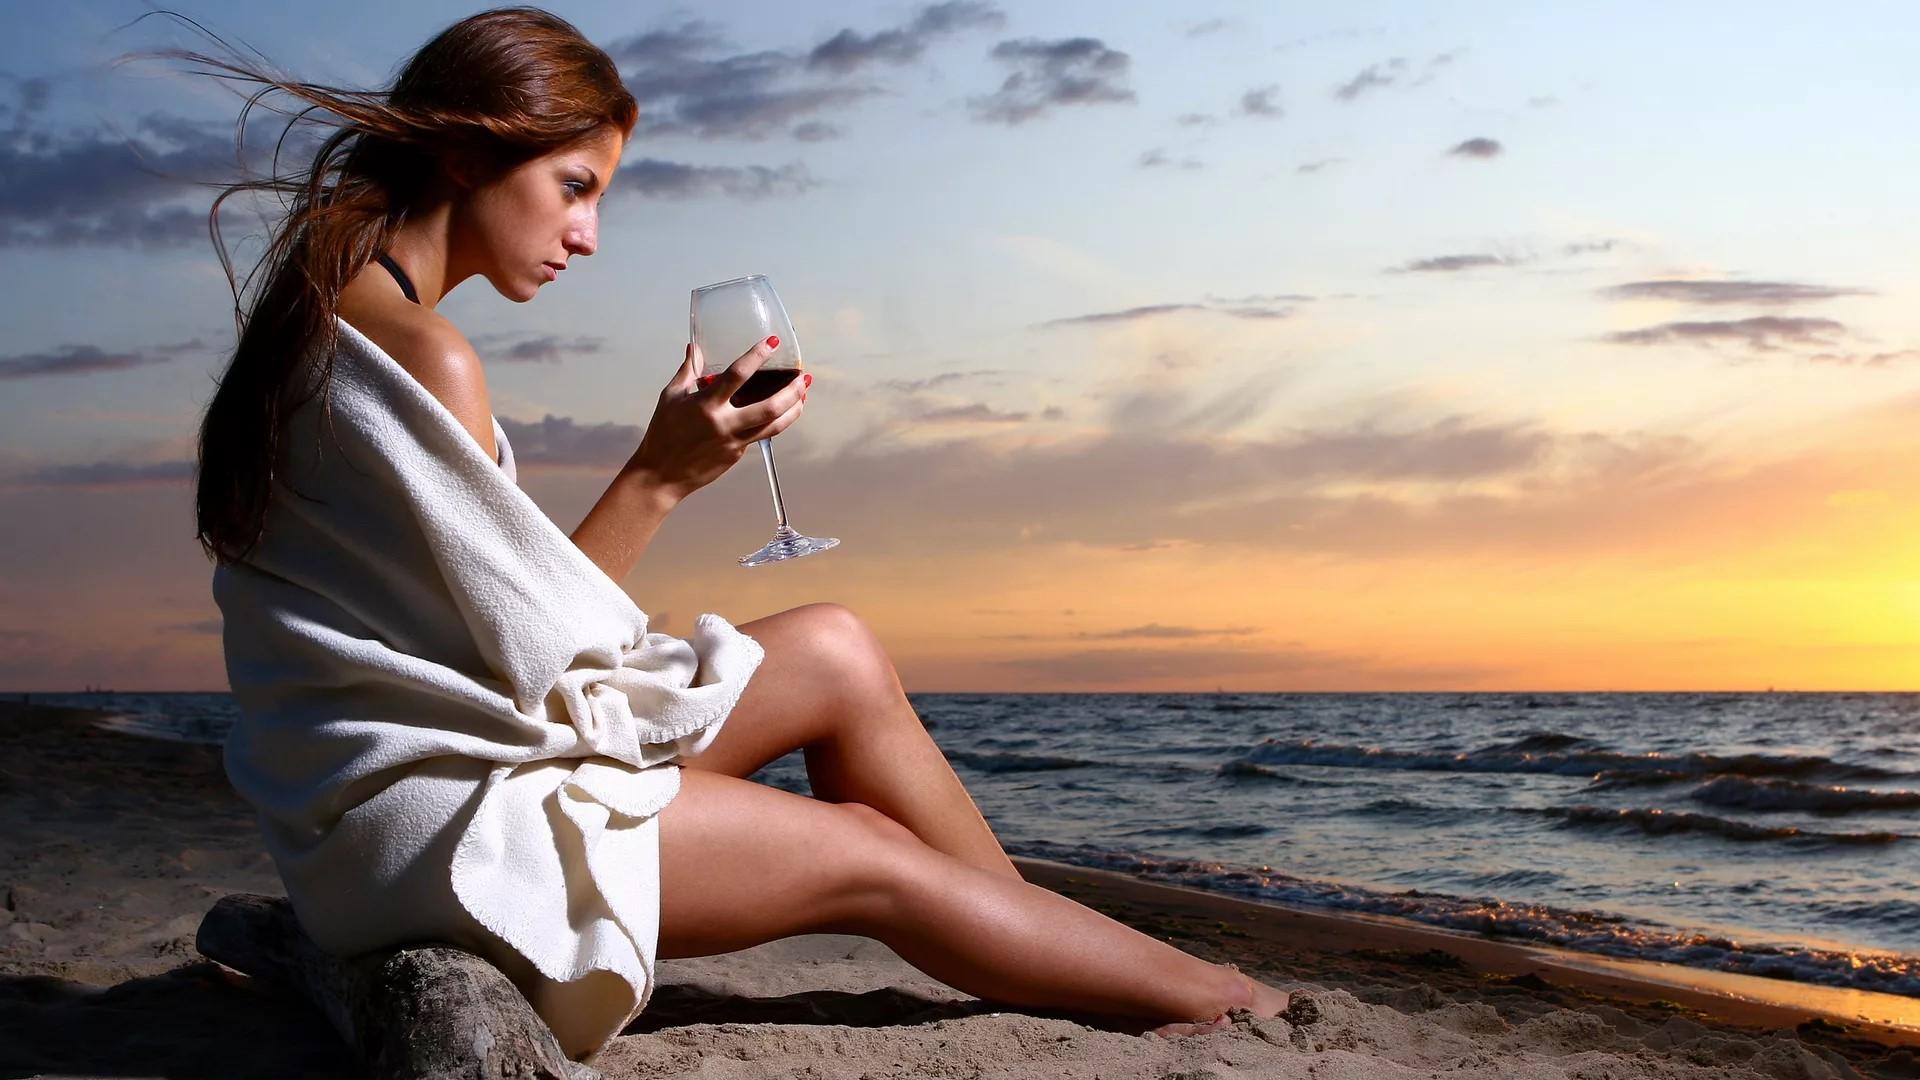 Картинки девушка с бокалом у моря